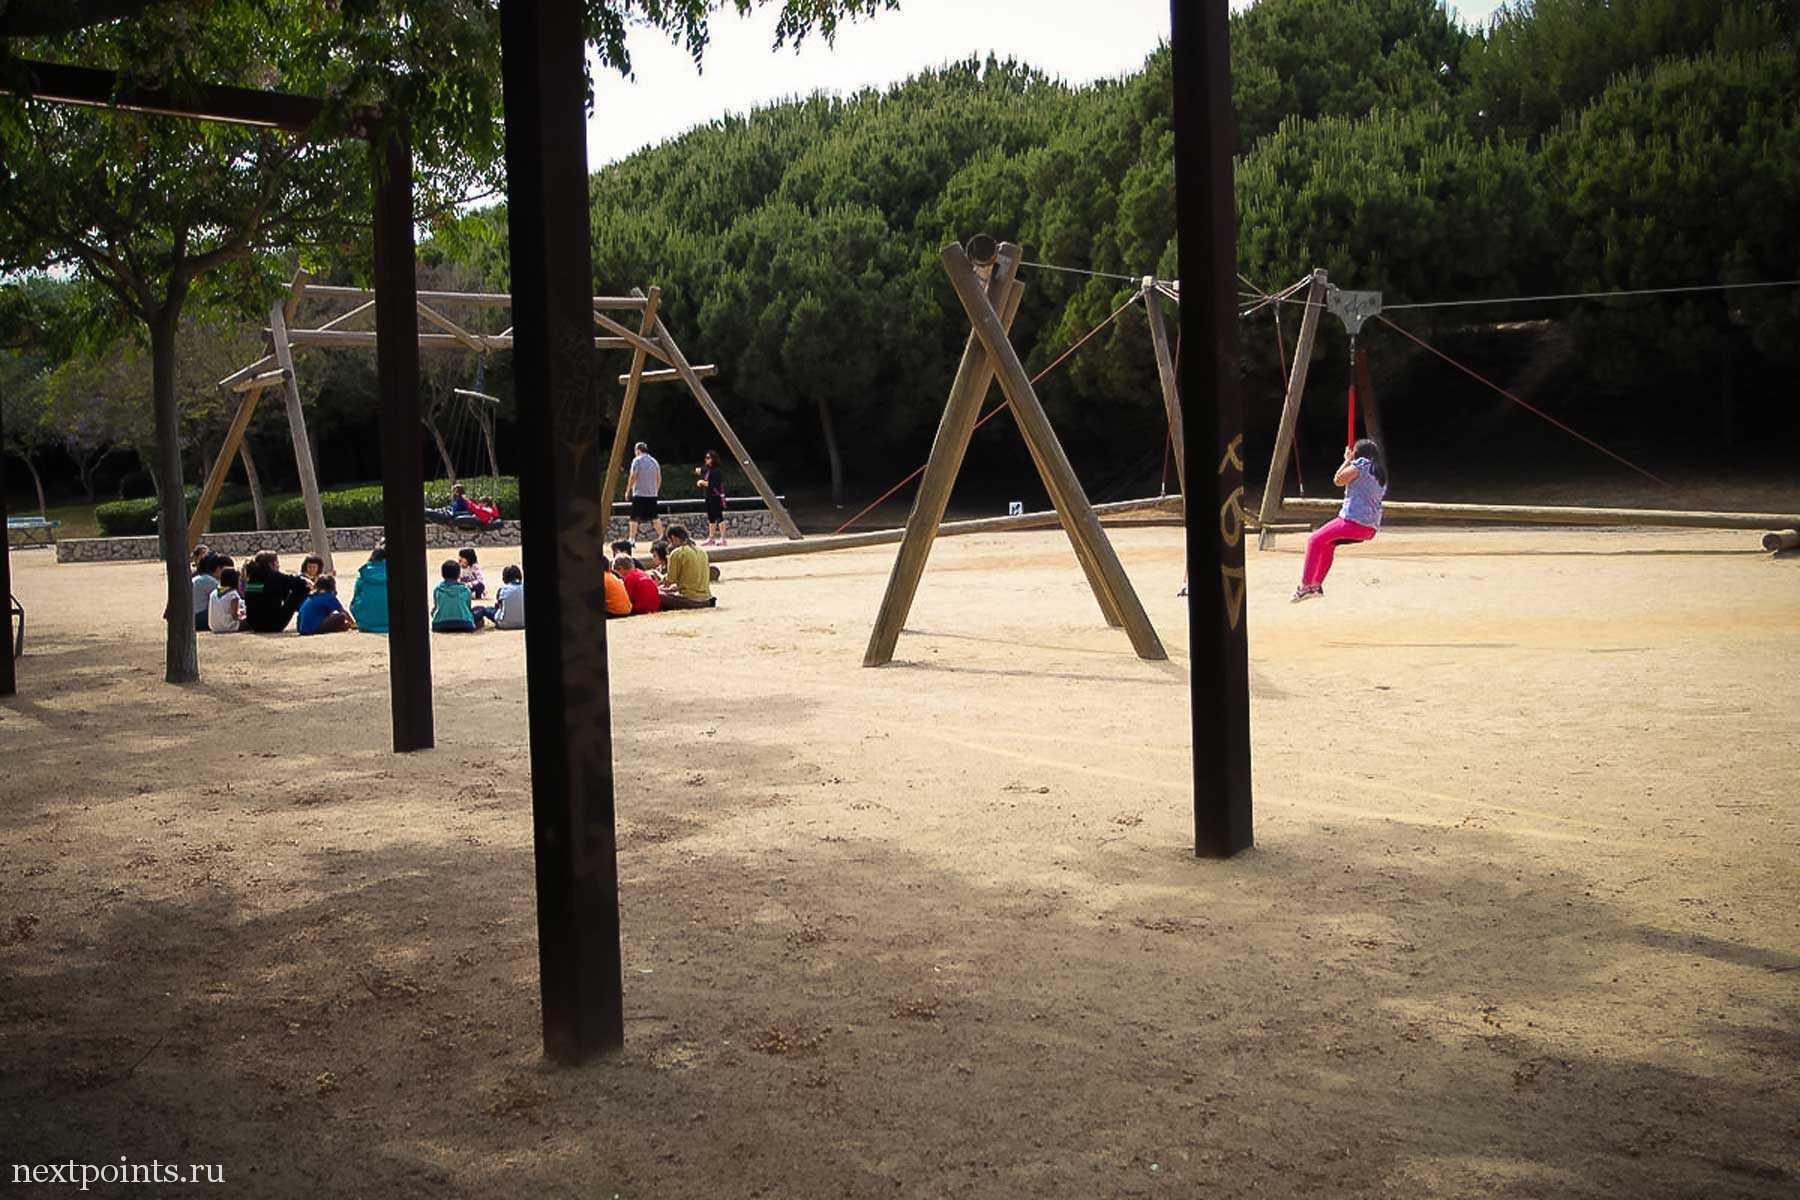 Площадка для игр и занятий школьников